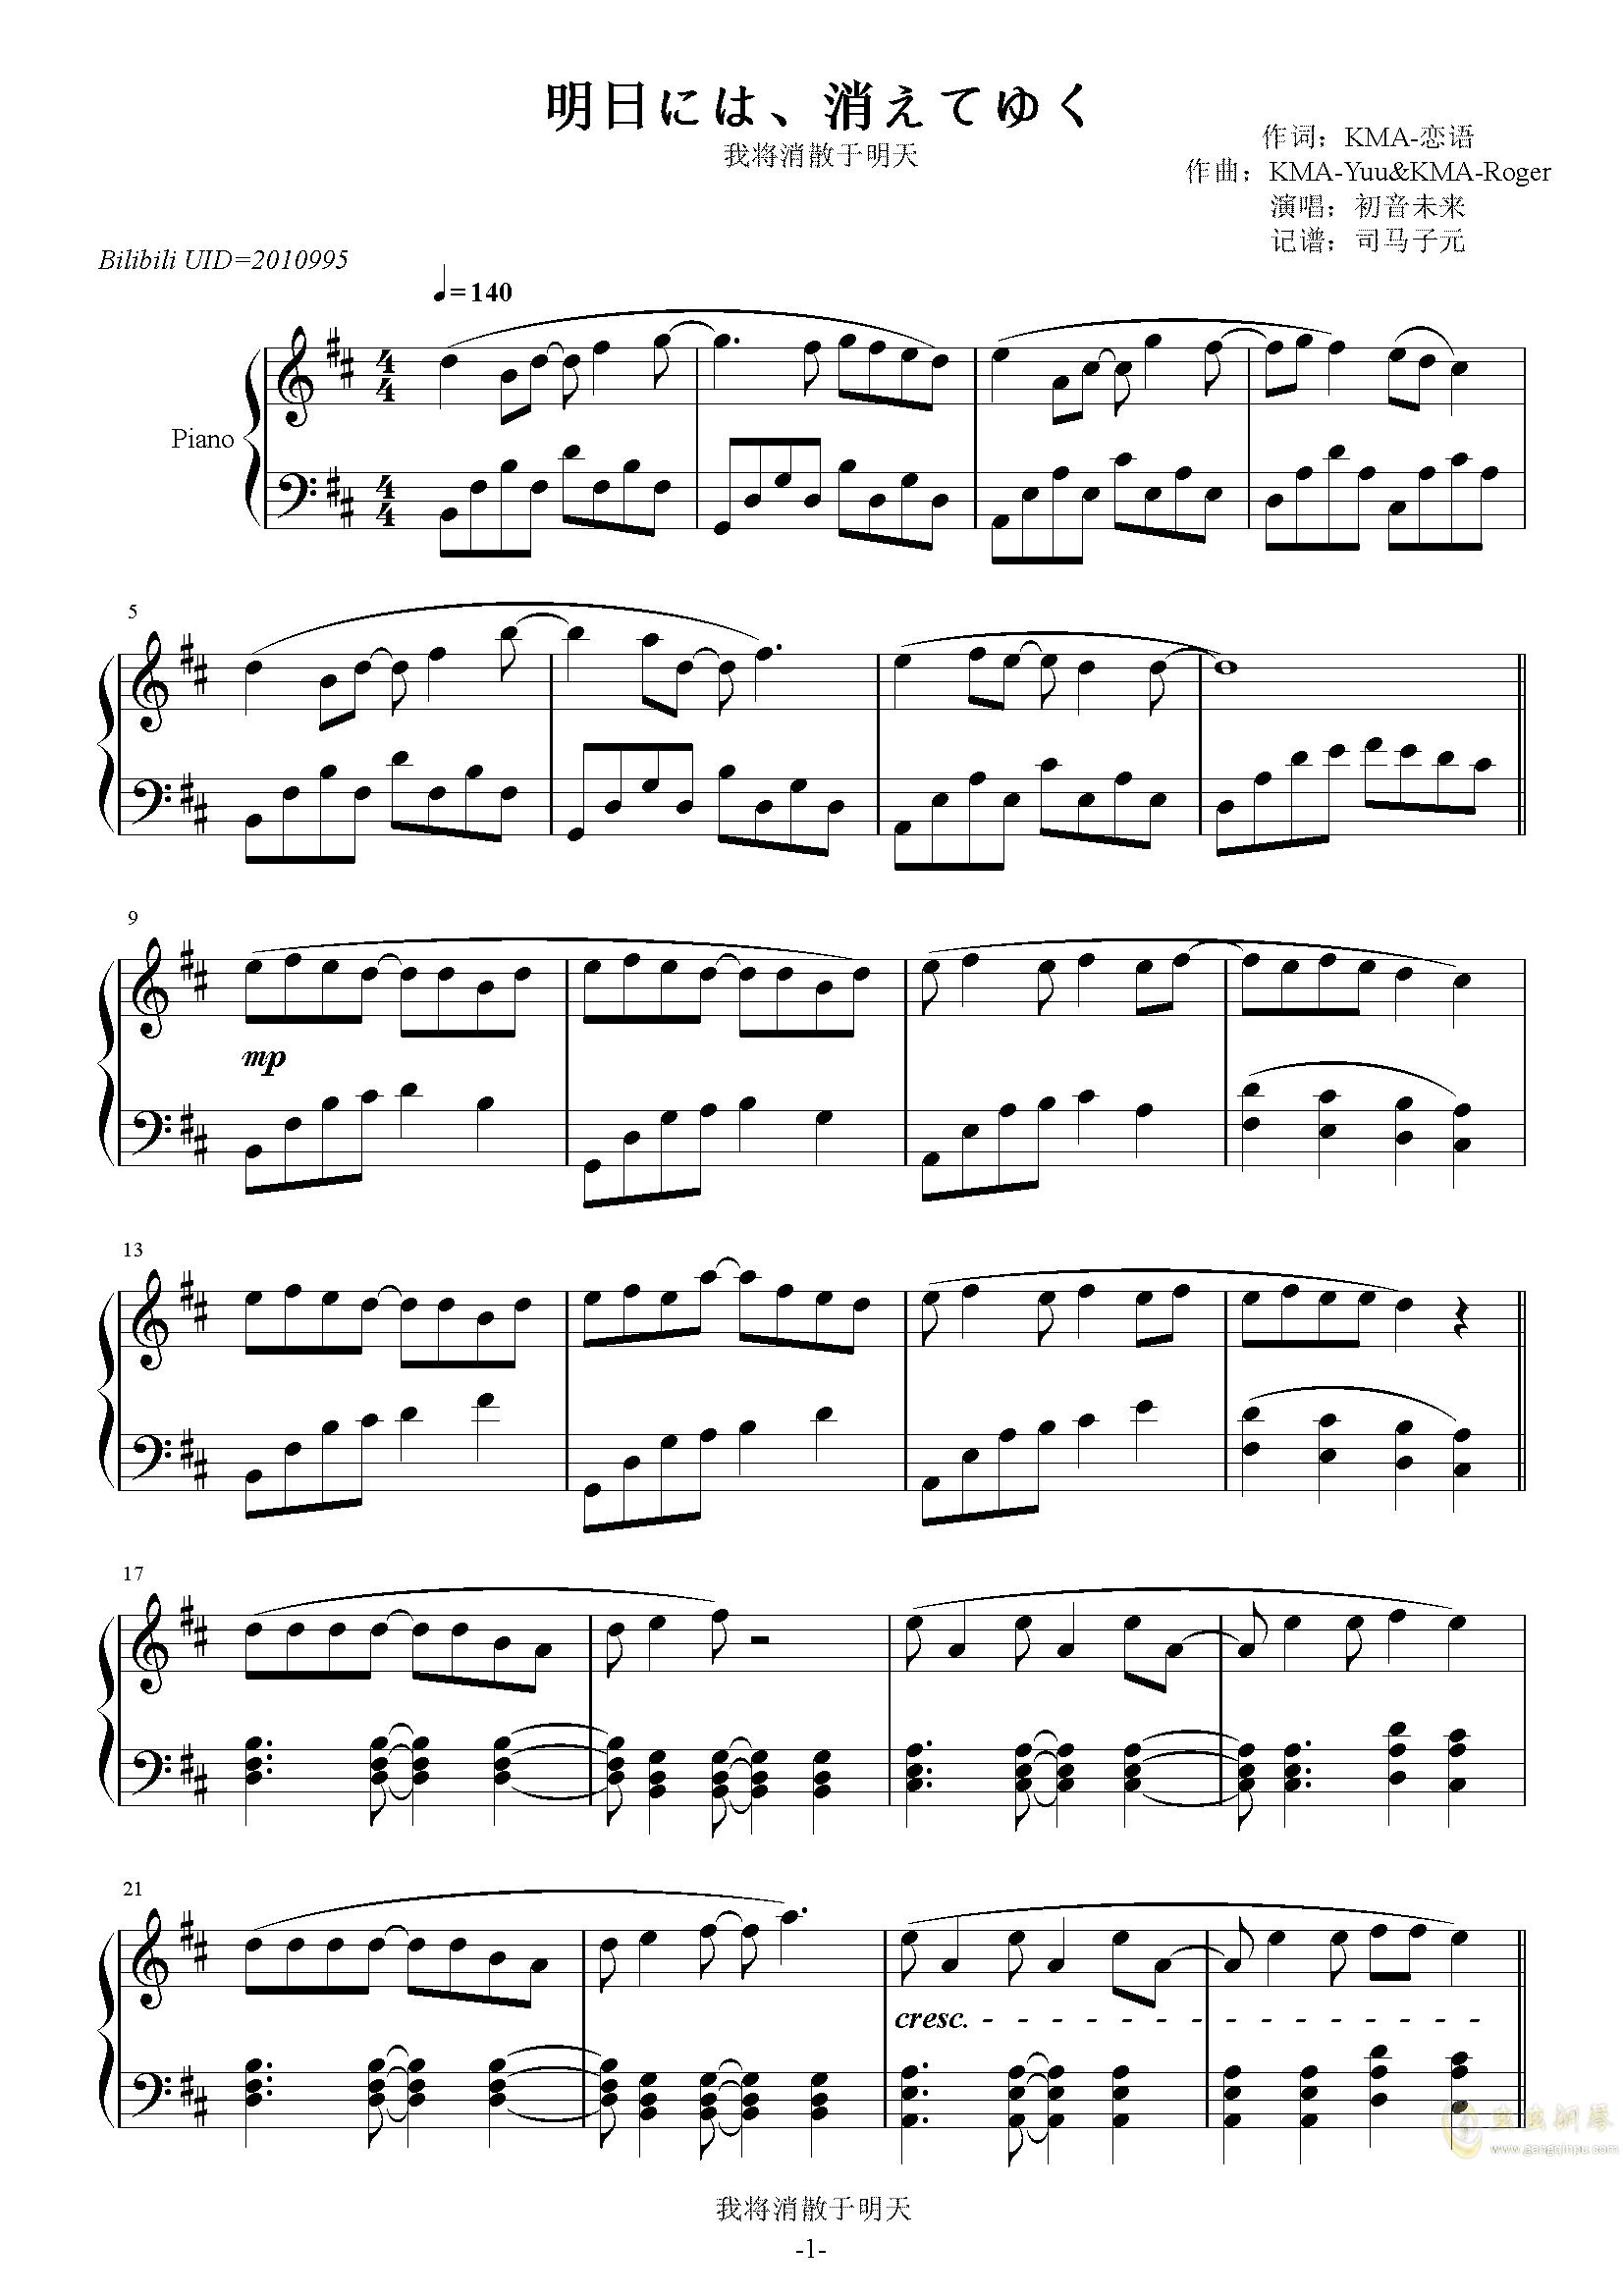 卡农钢琴曲曲谱虫虫_我将消散于明天钢琴谱_D调独奏谱_初音未来_钢琴独奏视频_原版 ...